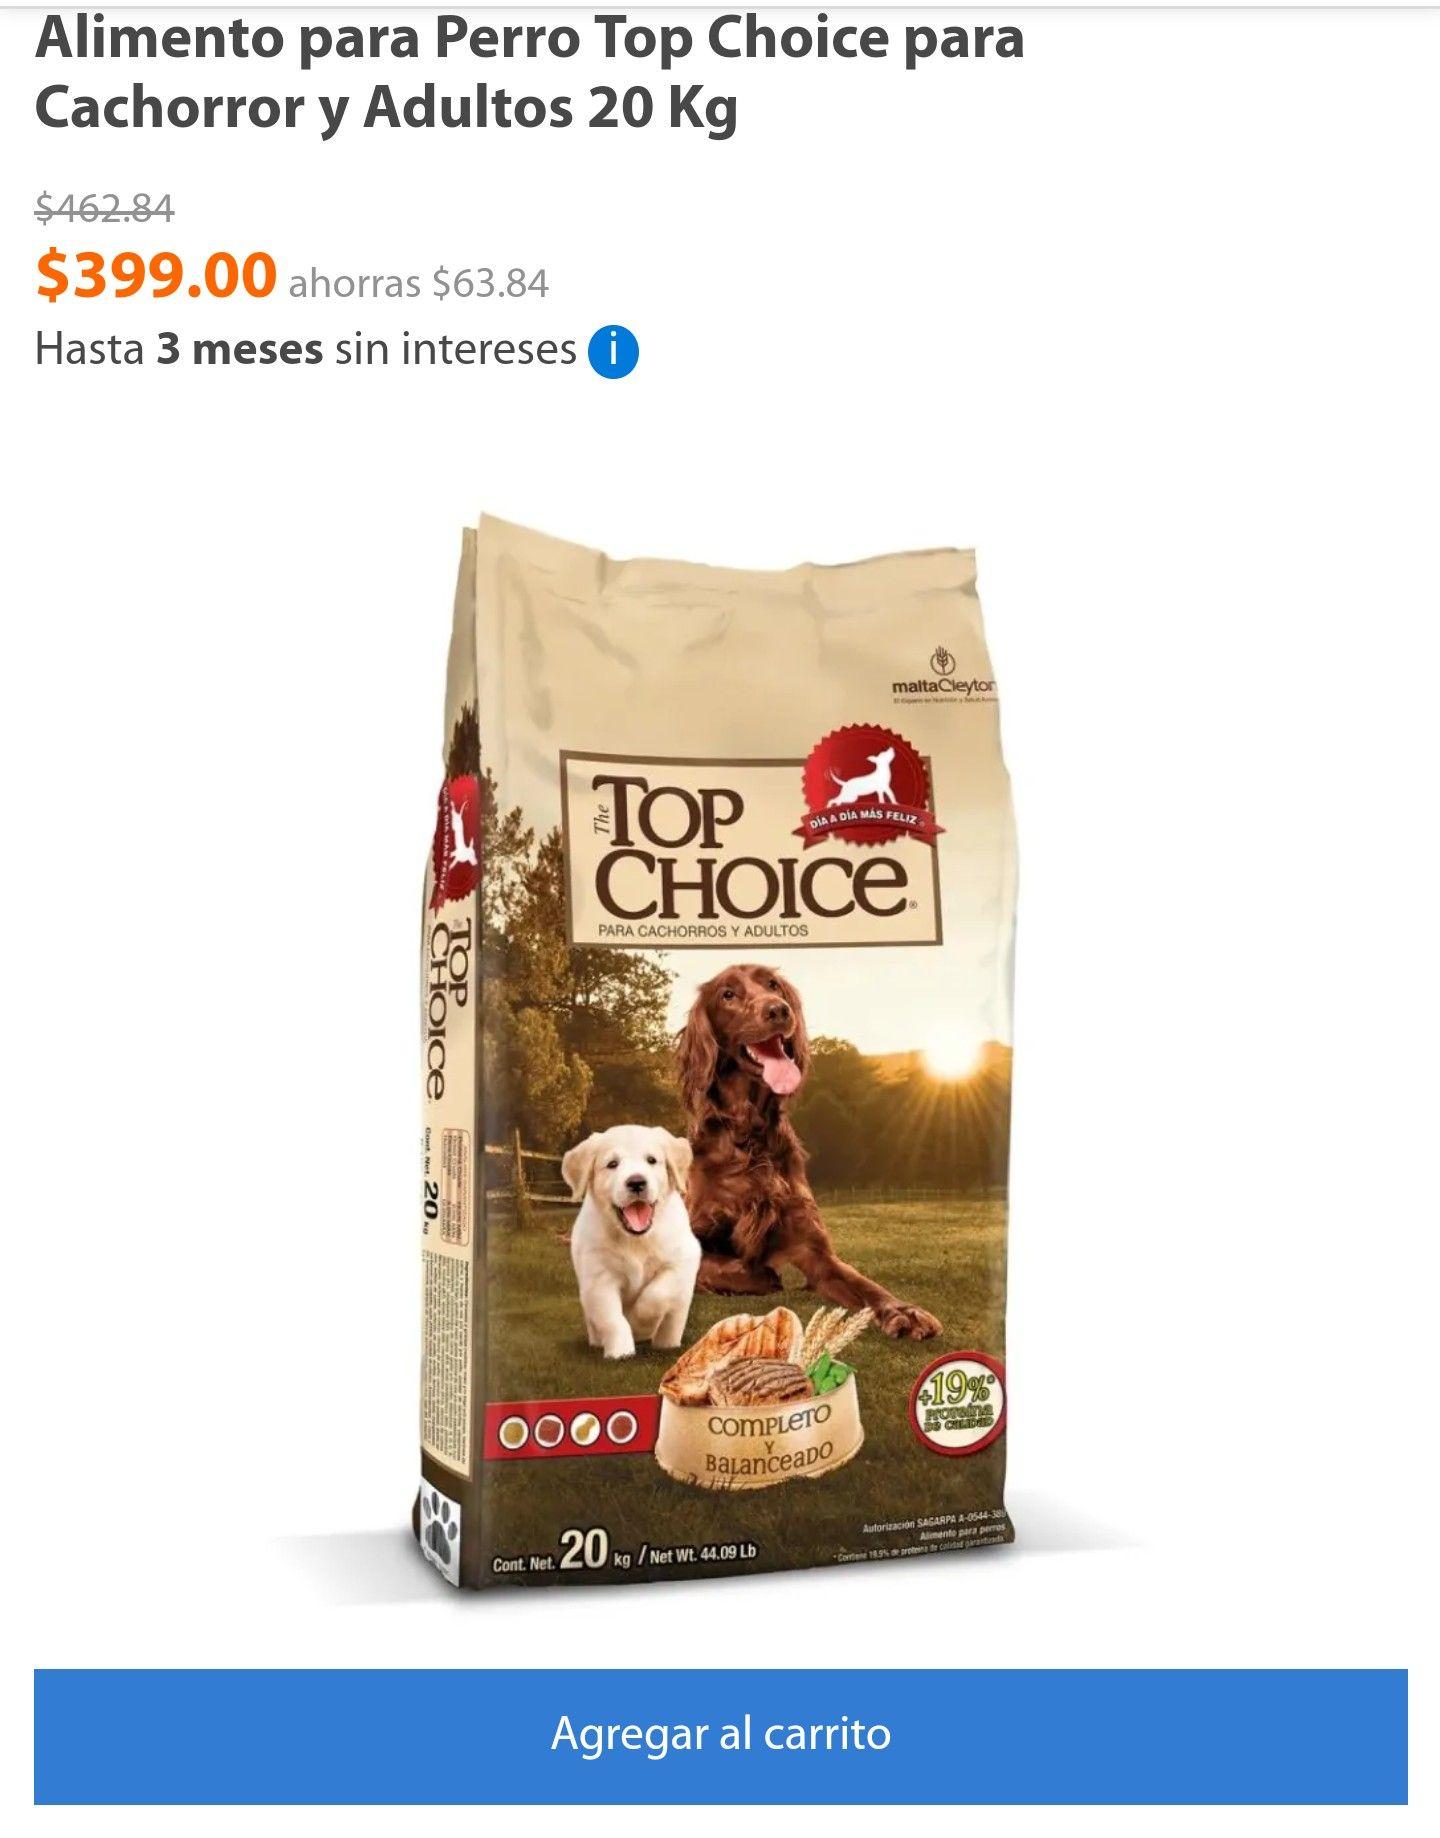 Walmart: Alimento para Perro Top Choice para Cachorror y Adultos 20 Kg  Y Ganador cachorro 20 kg